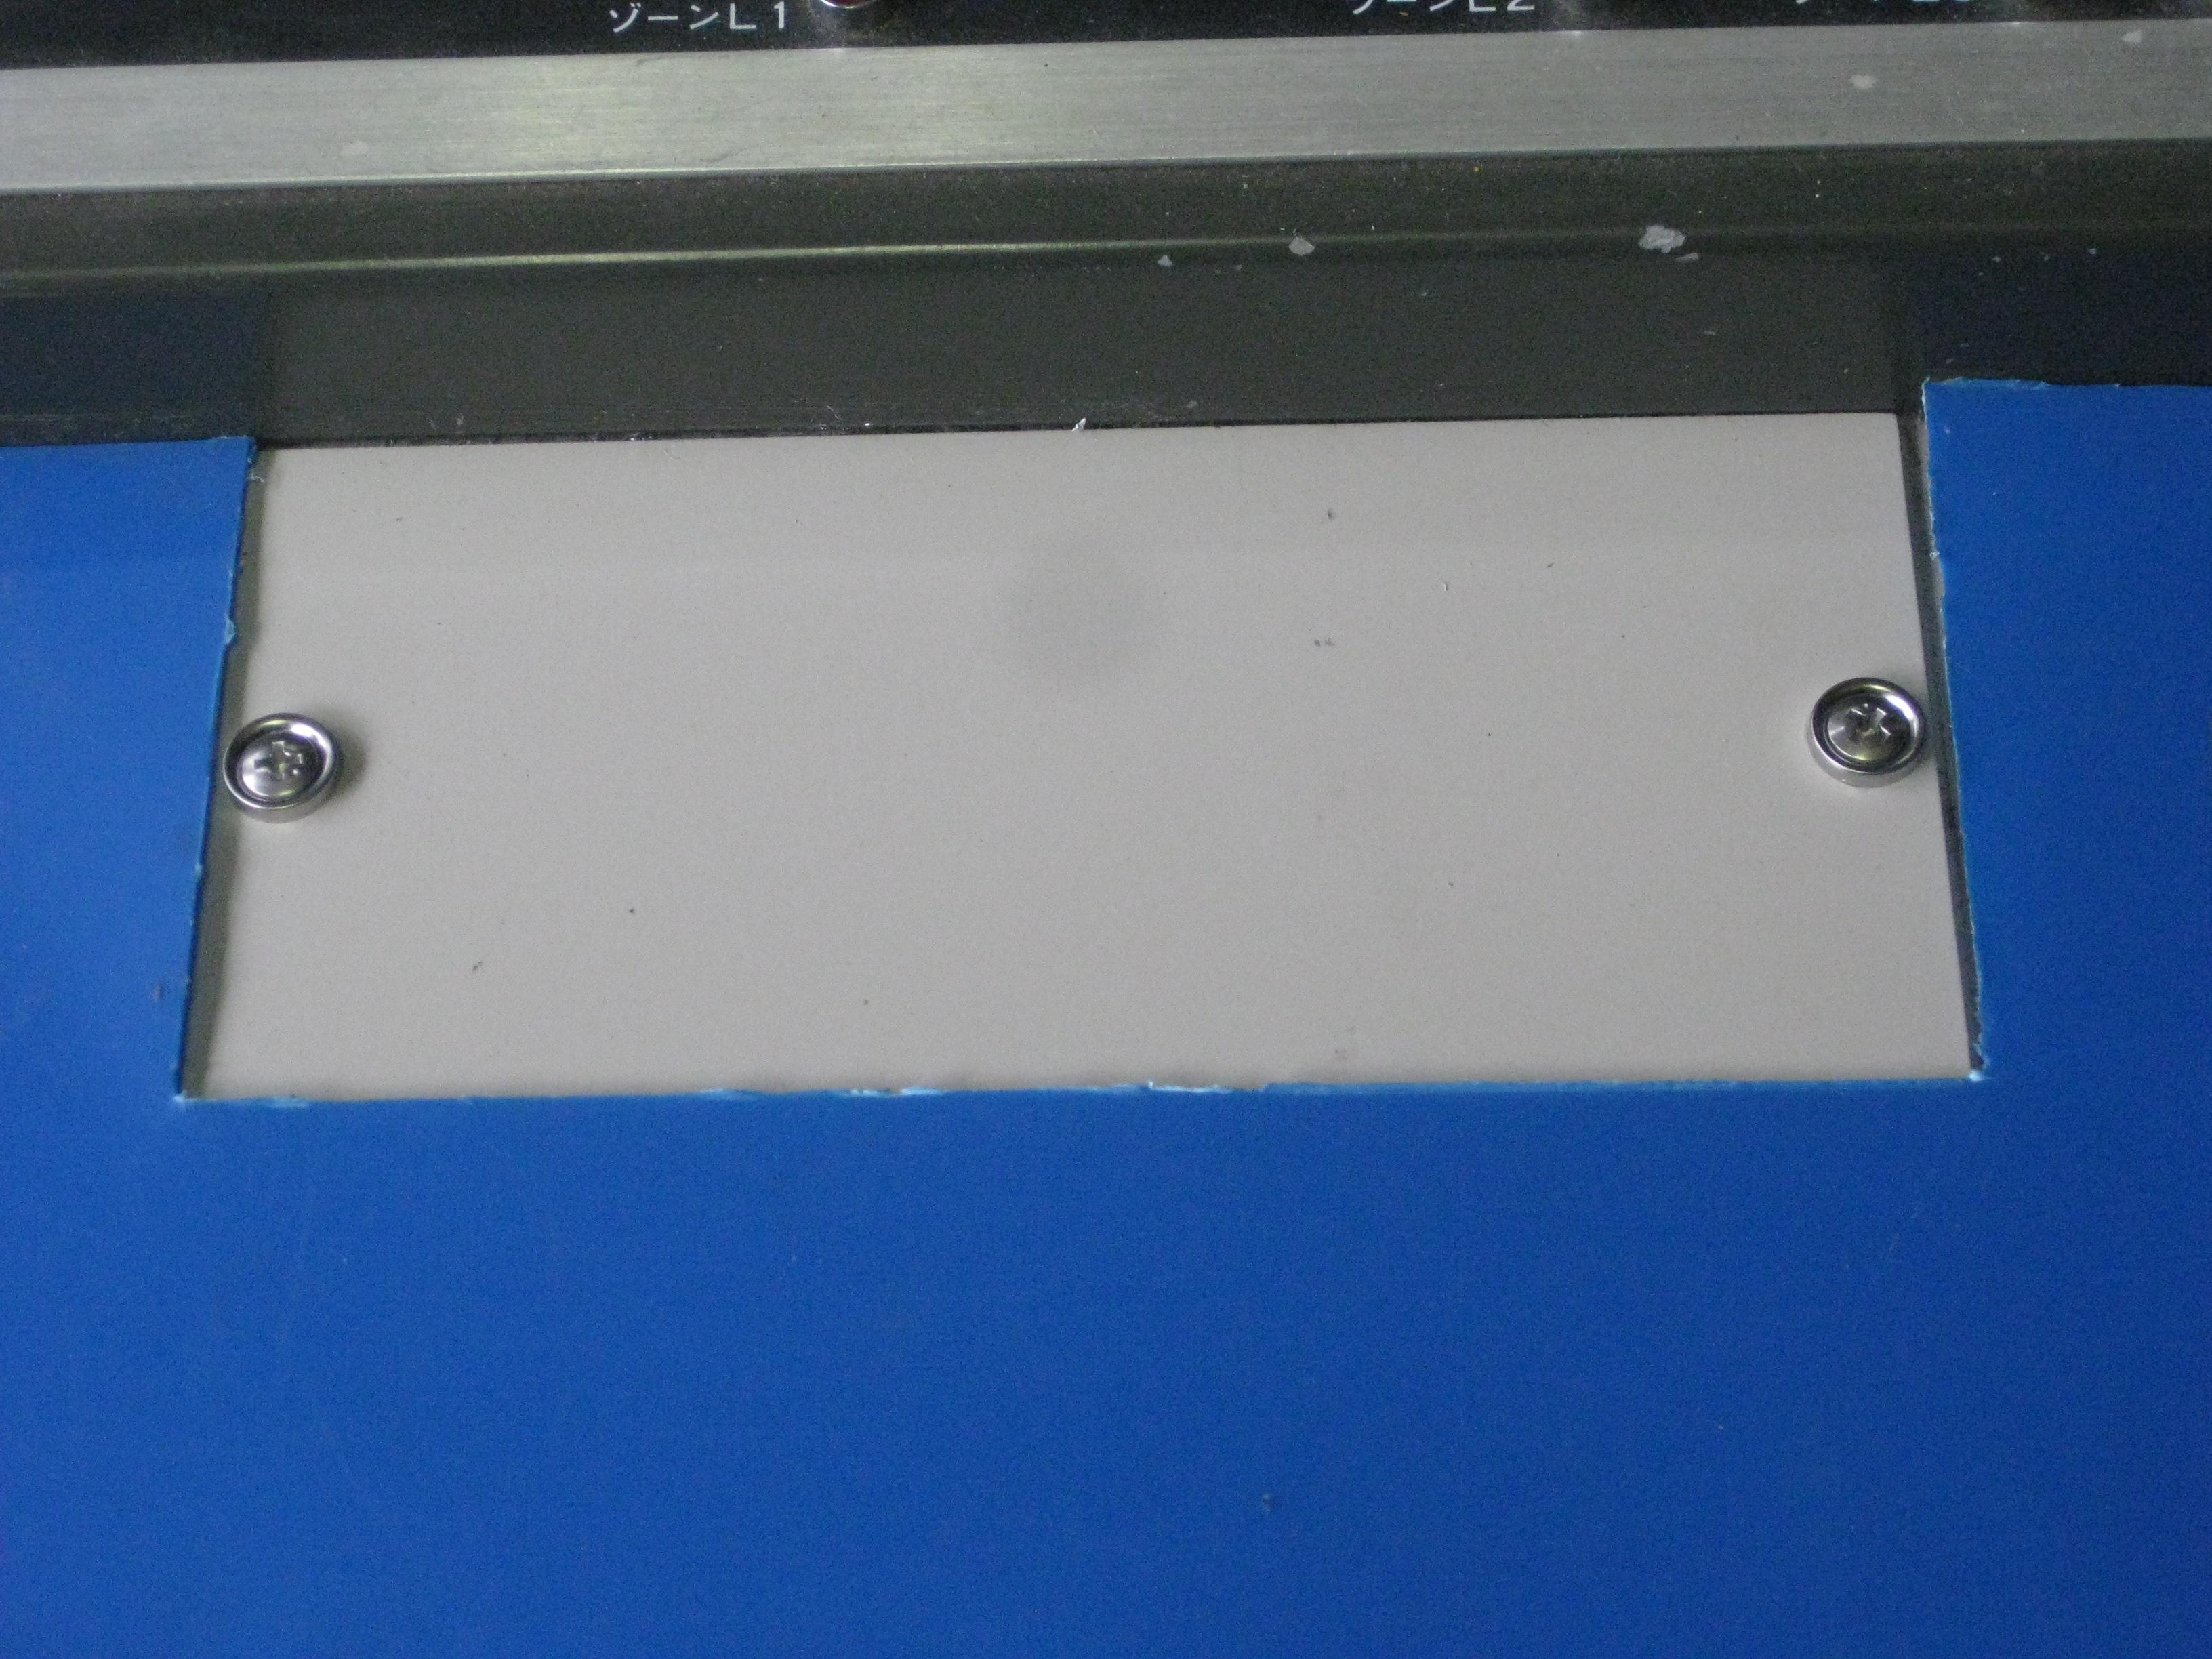 部品交換:AMP式制御ユニット更新